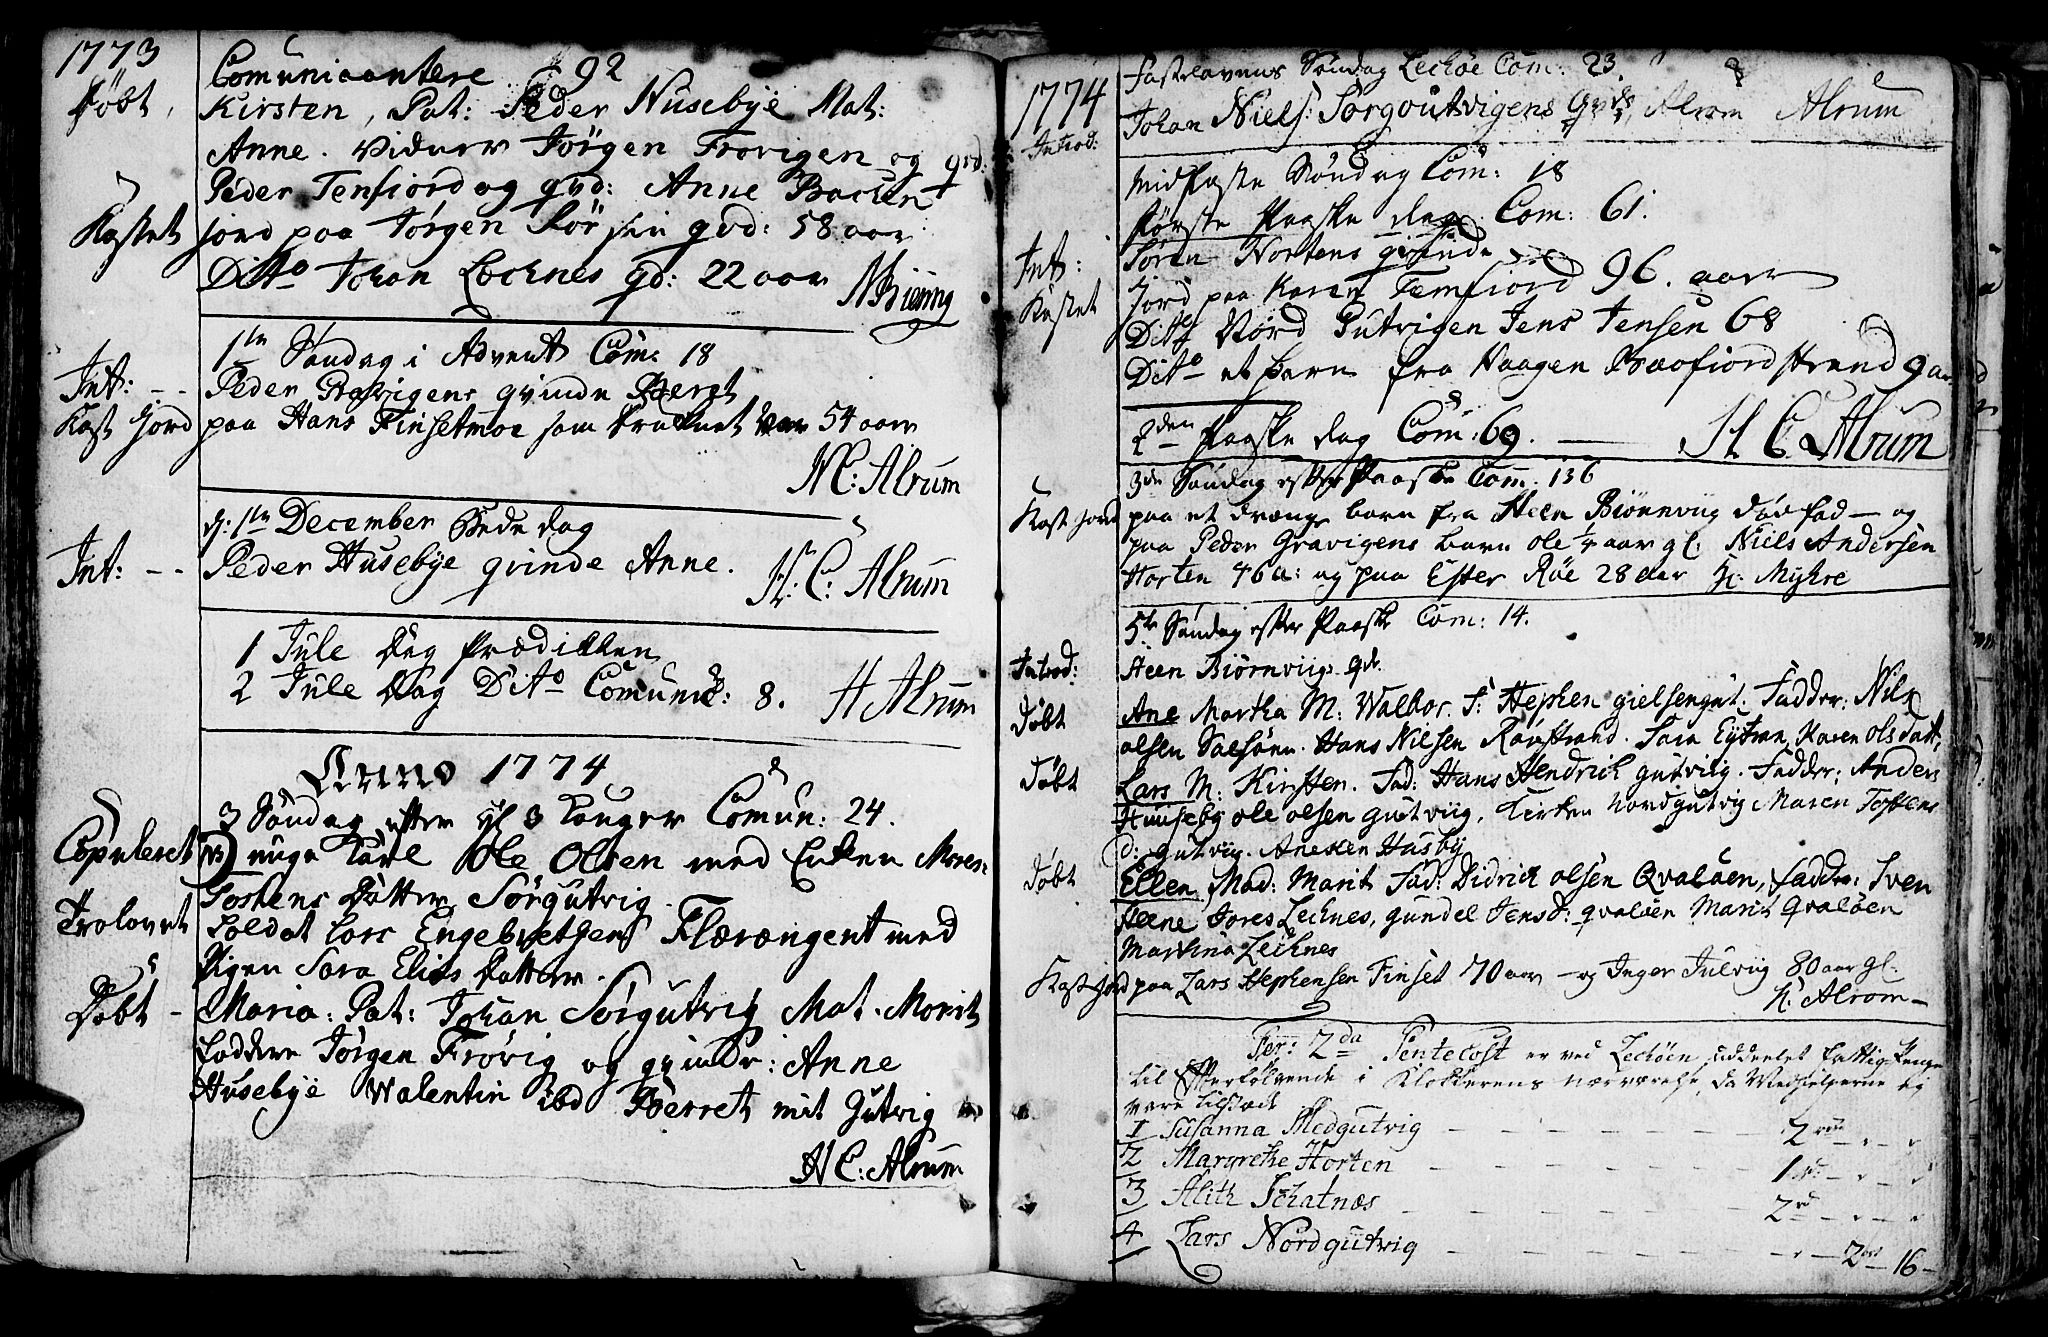 SAT, Ministerialprotokoller, klokkerbøker og fødselsregistre - Nord-Trøndelag, 788/L0694: Ministerialbok nr. 788A01, 1710-1805